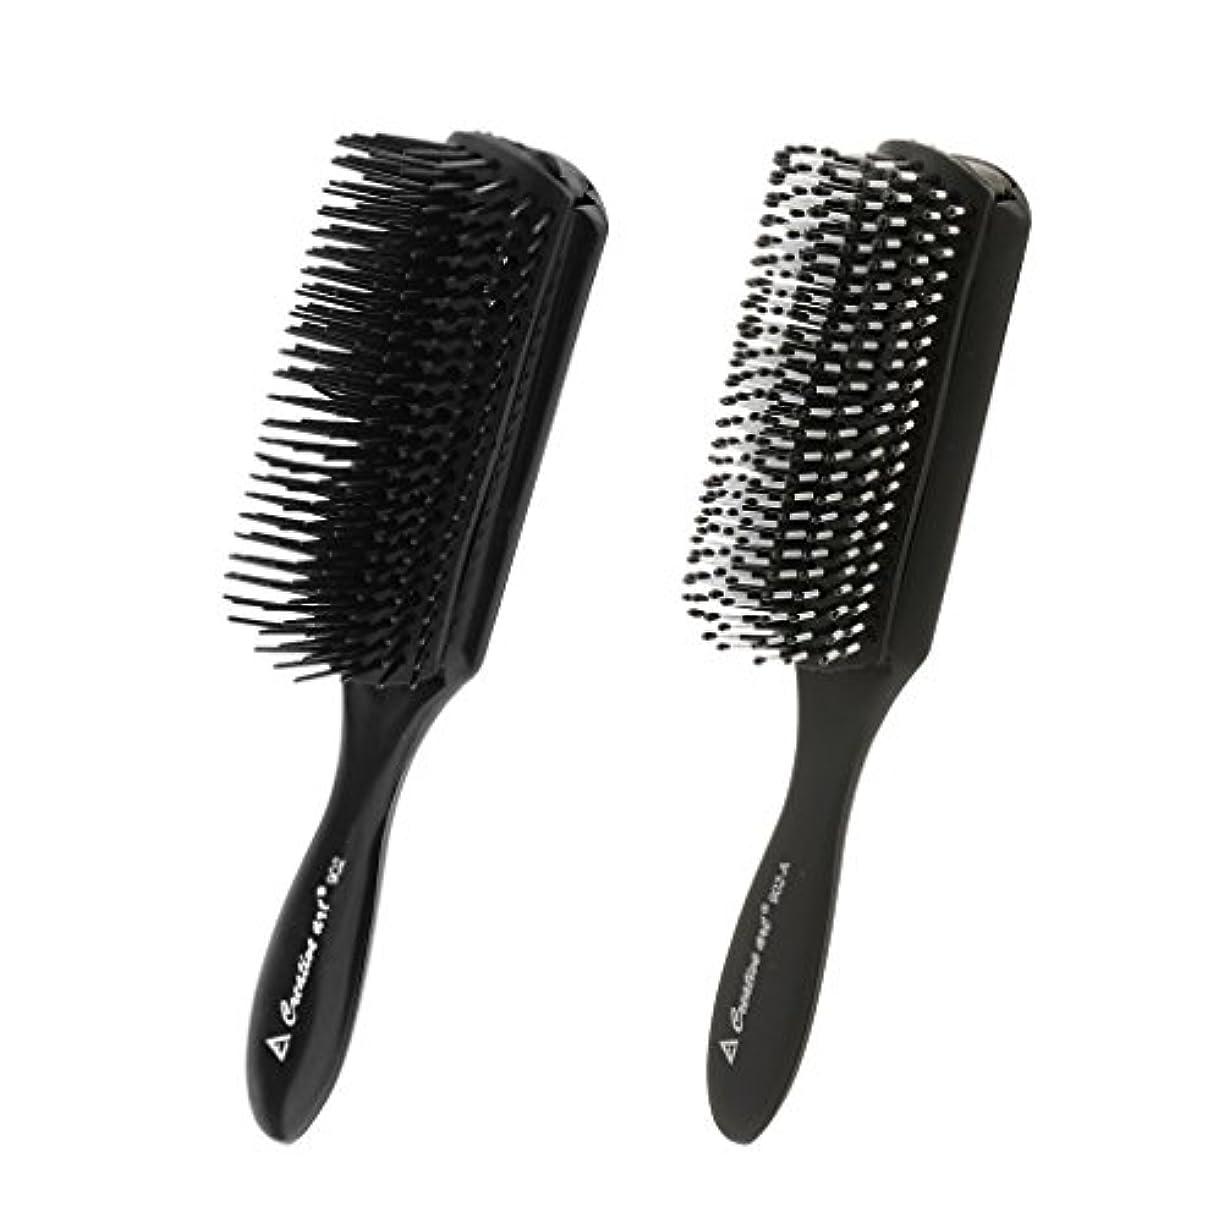 分析カウント切り下げCUTICATE 2本の黒い髪のスタイリングの櫛頭皮マッサージブラシサロン理髪用